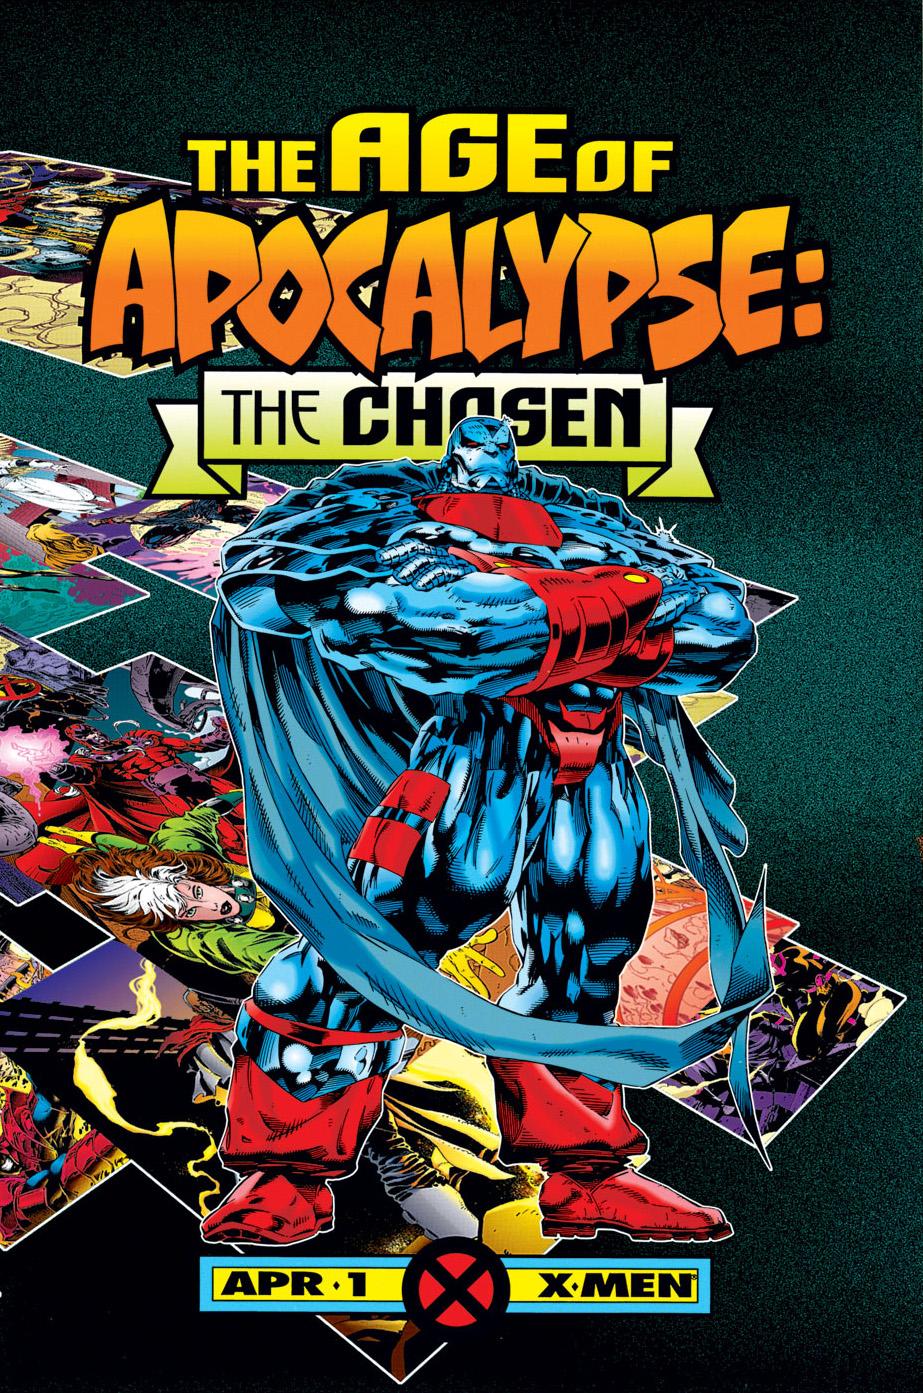 AGE OF APOCALYPSE: THE CHOSEN 1 (1995) #1